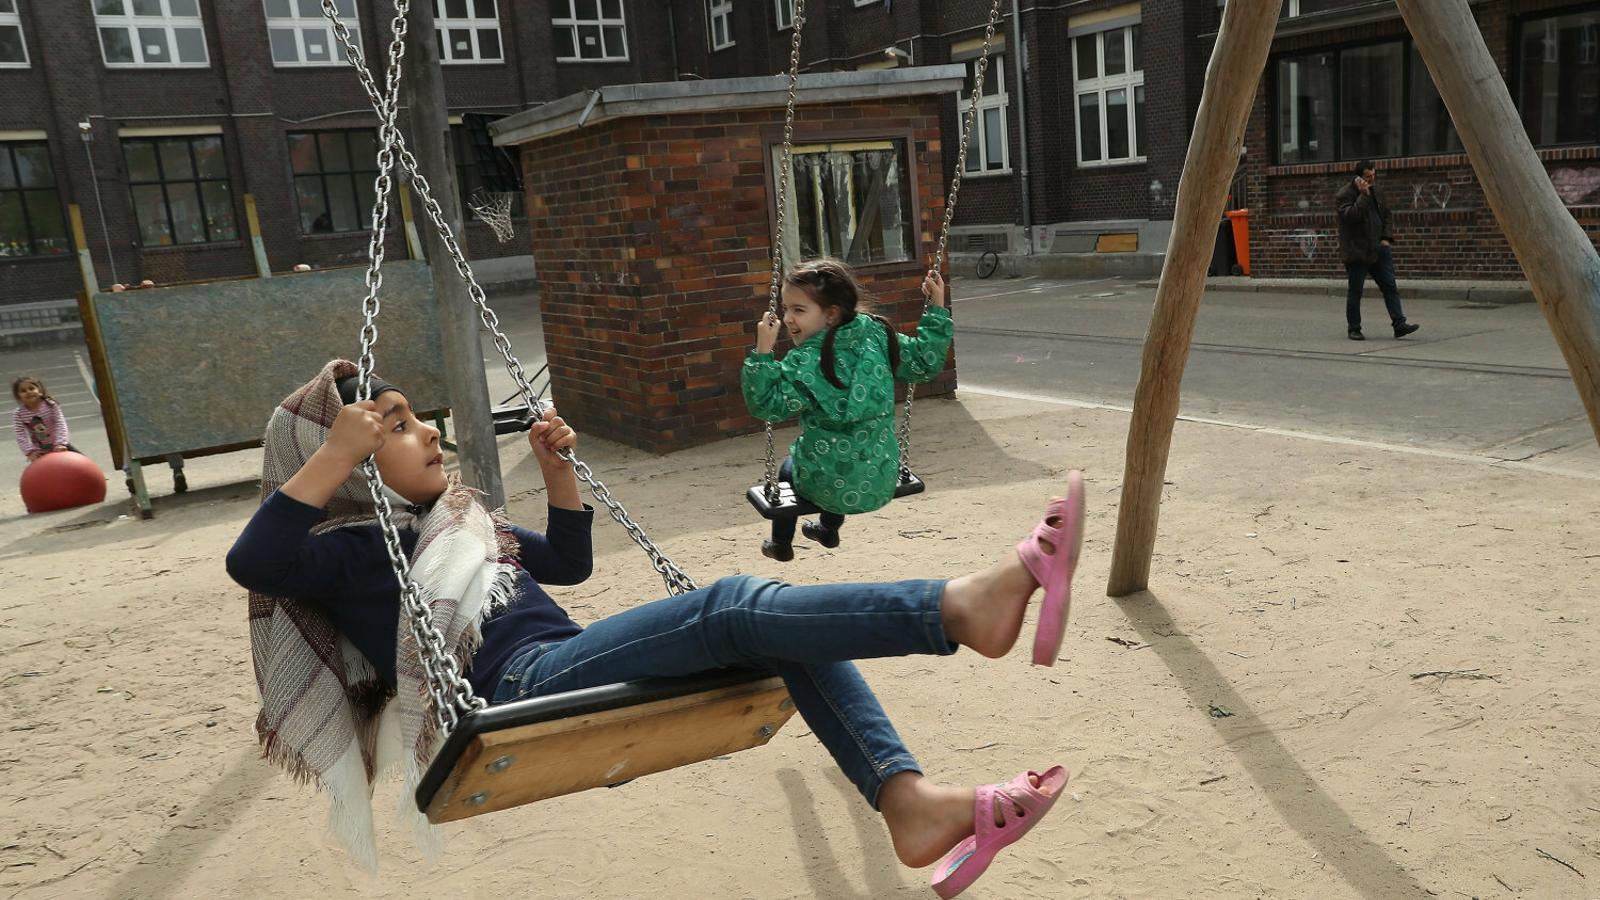 Dues nenes jugant a l'exterior d'un edifici de Berlín d'acollida d'immigrants i refugiats. Europa necessita més immigració per assegurar-se el relleu generacional.